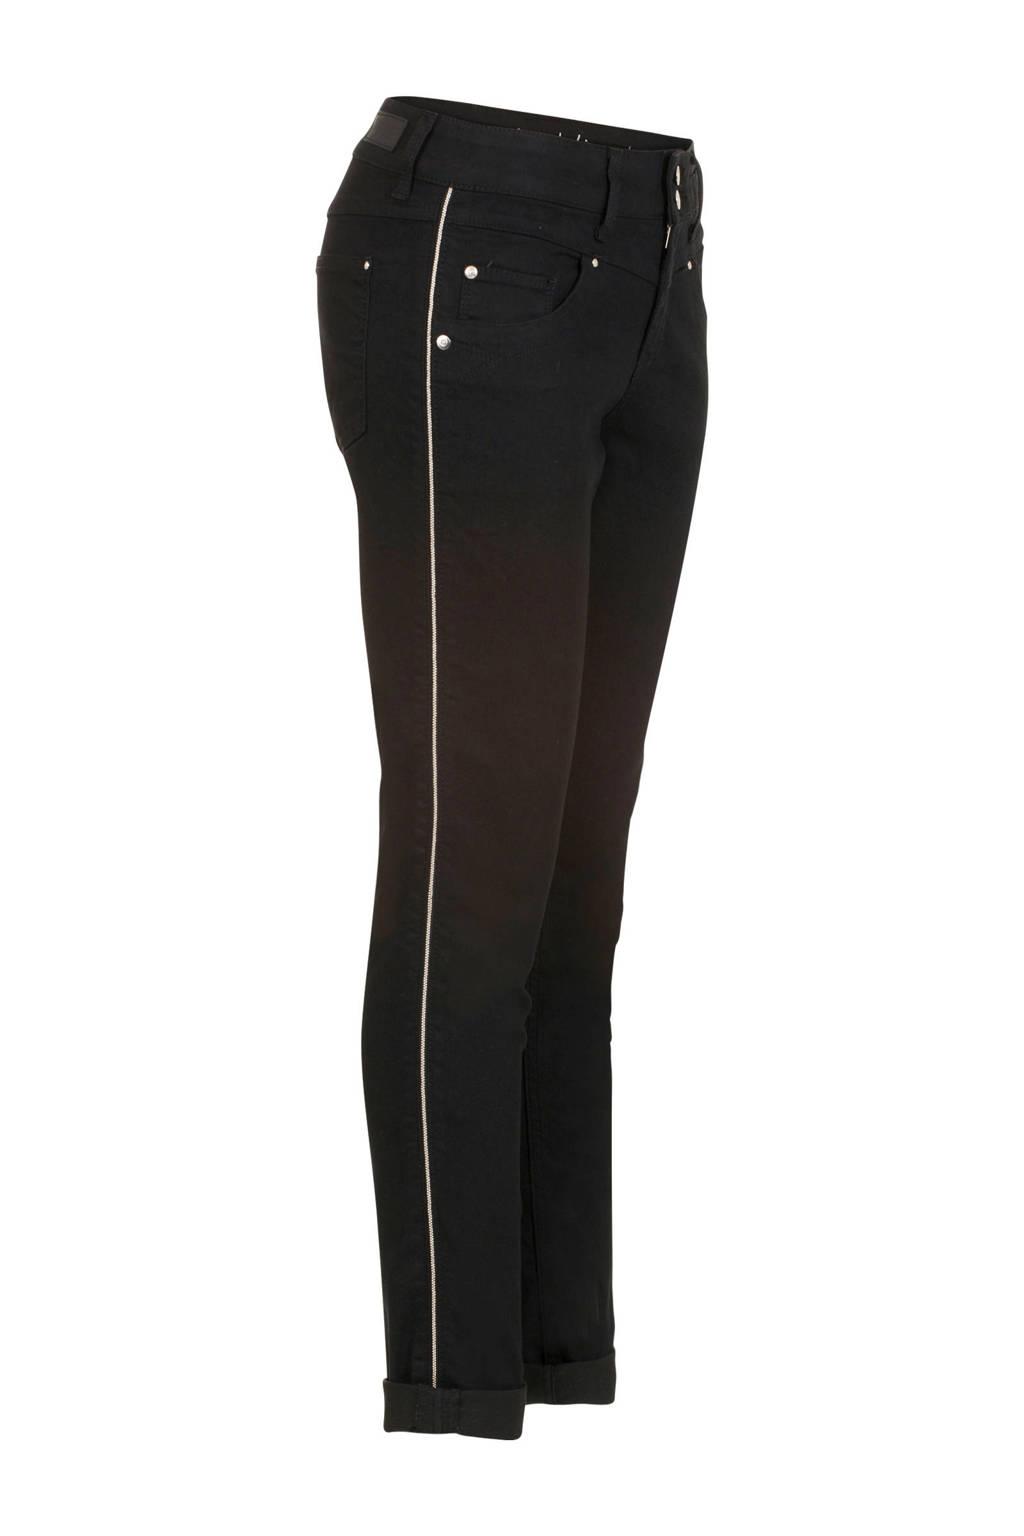 Miss Etam Regulier slim fit broek met zijstreep zwart, Zwart